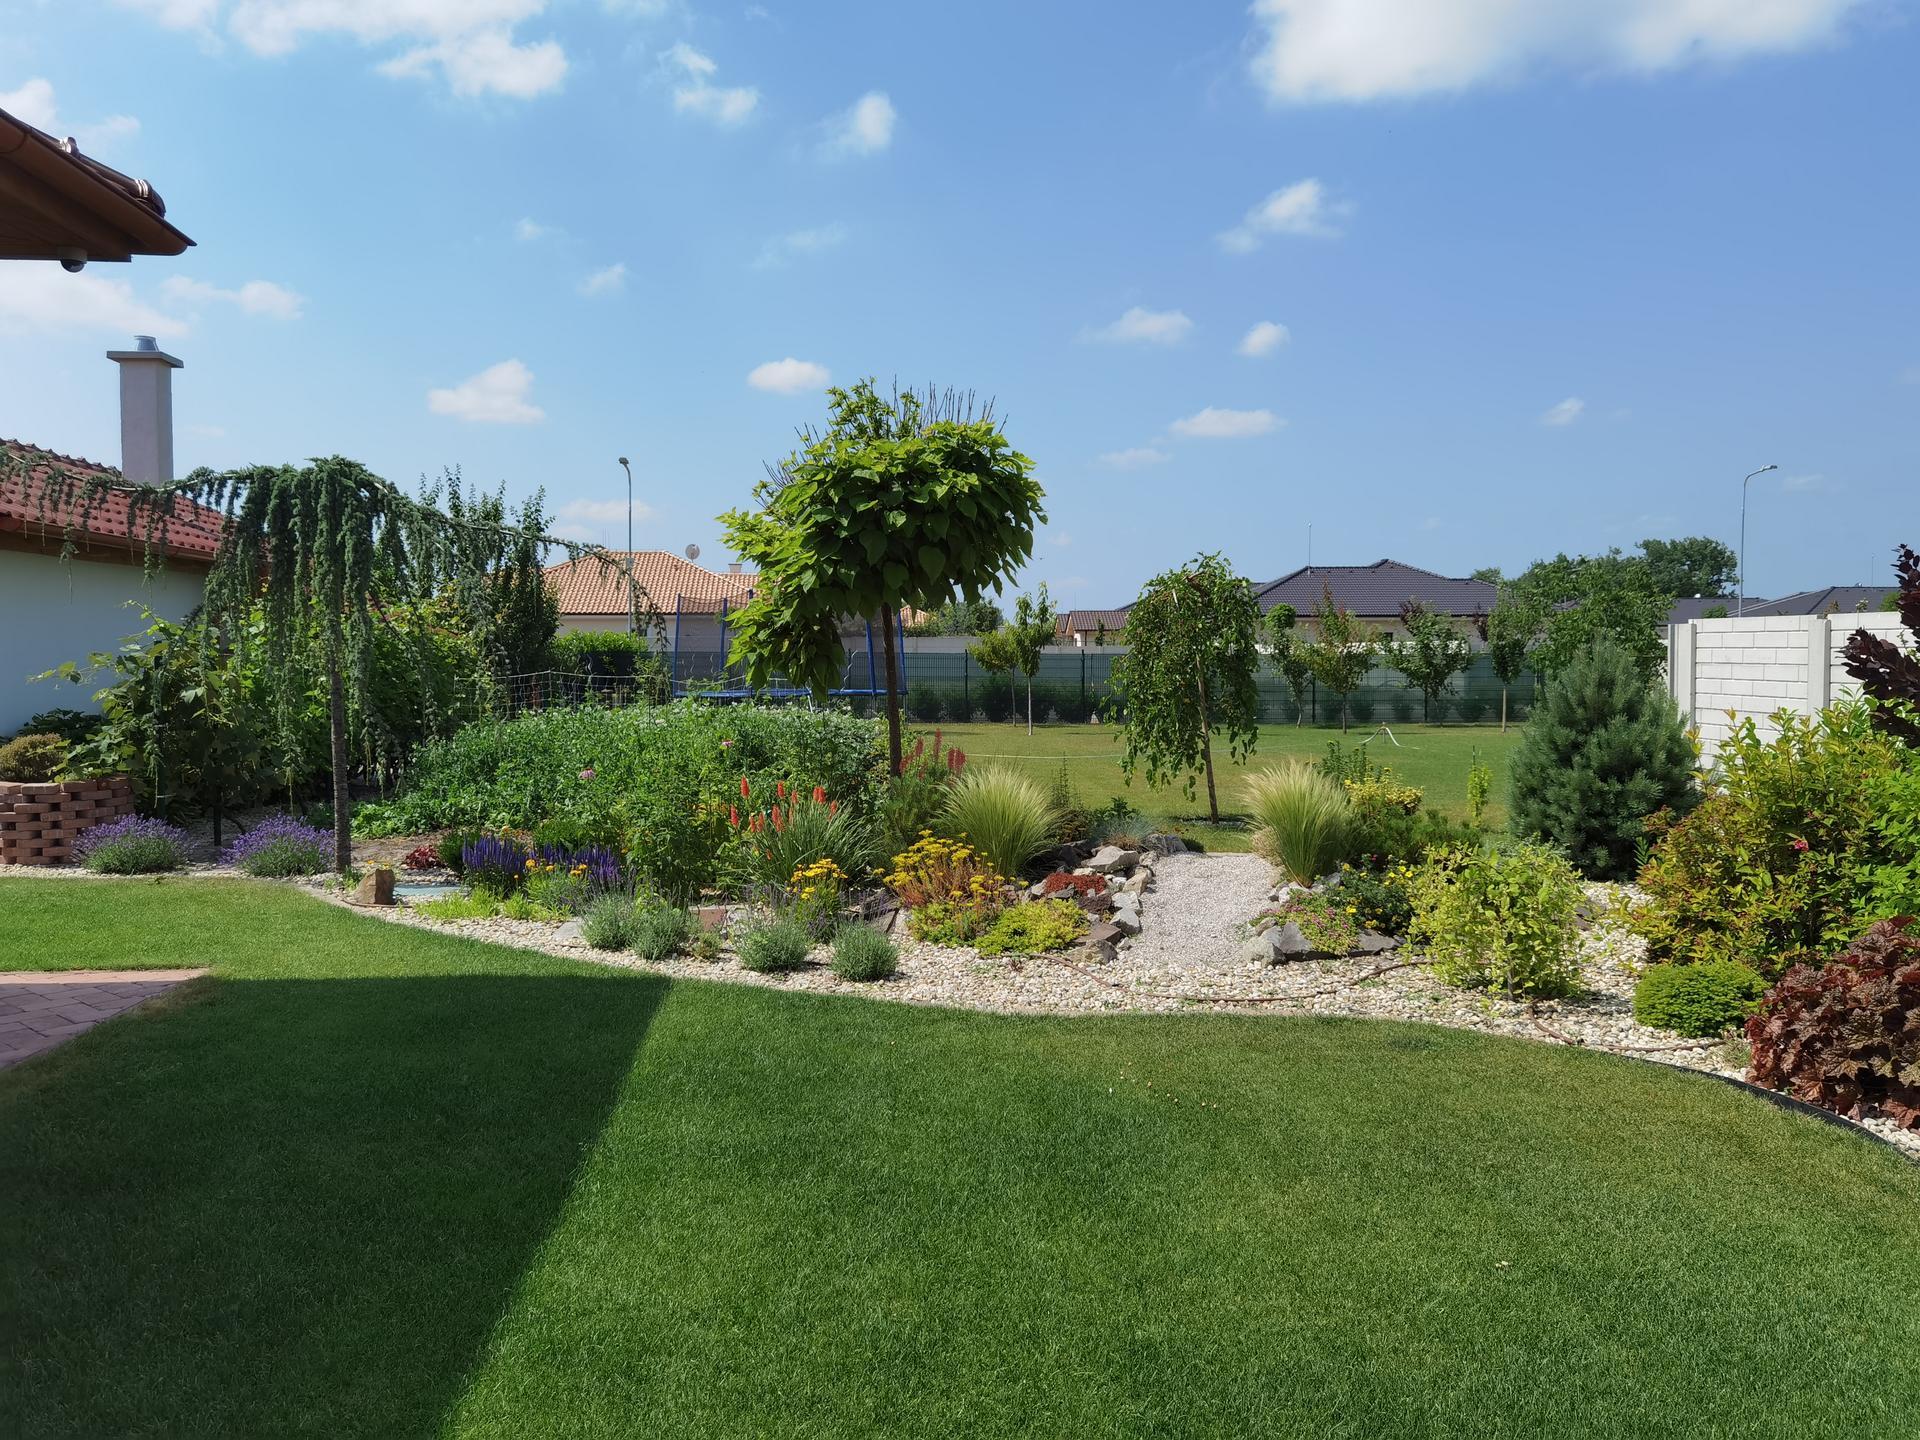 Záhrada 2021 - Obrázok č. 44